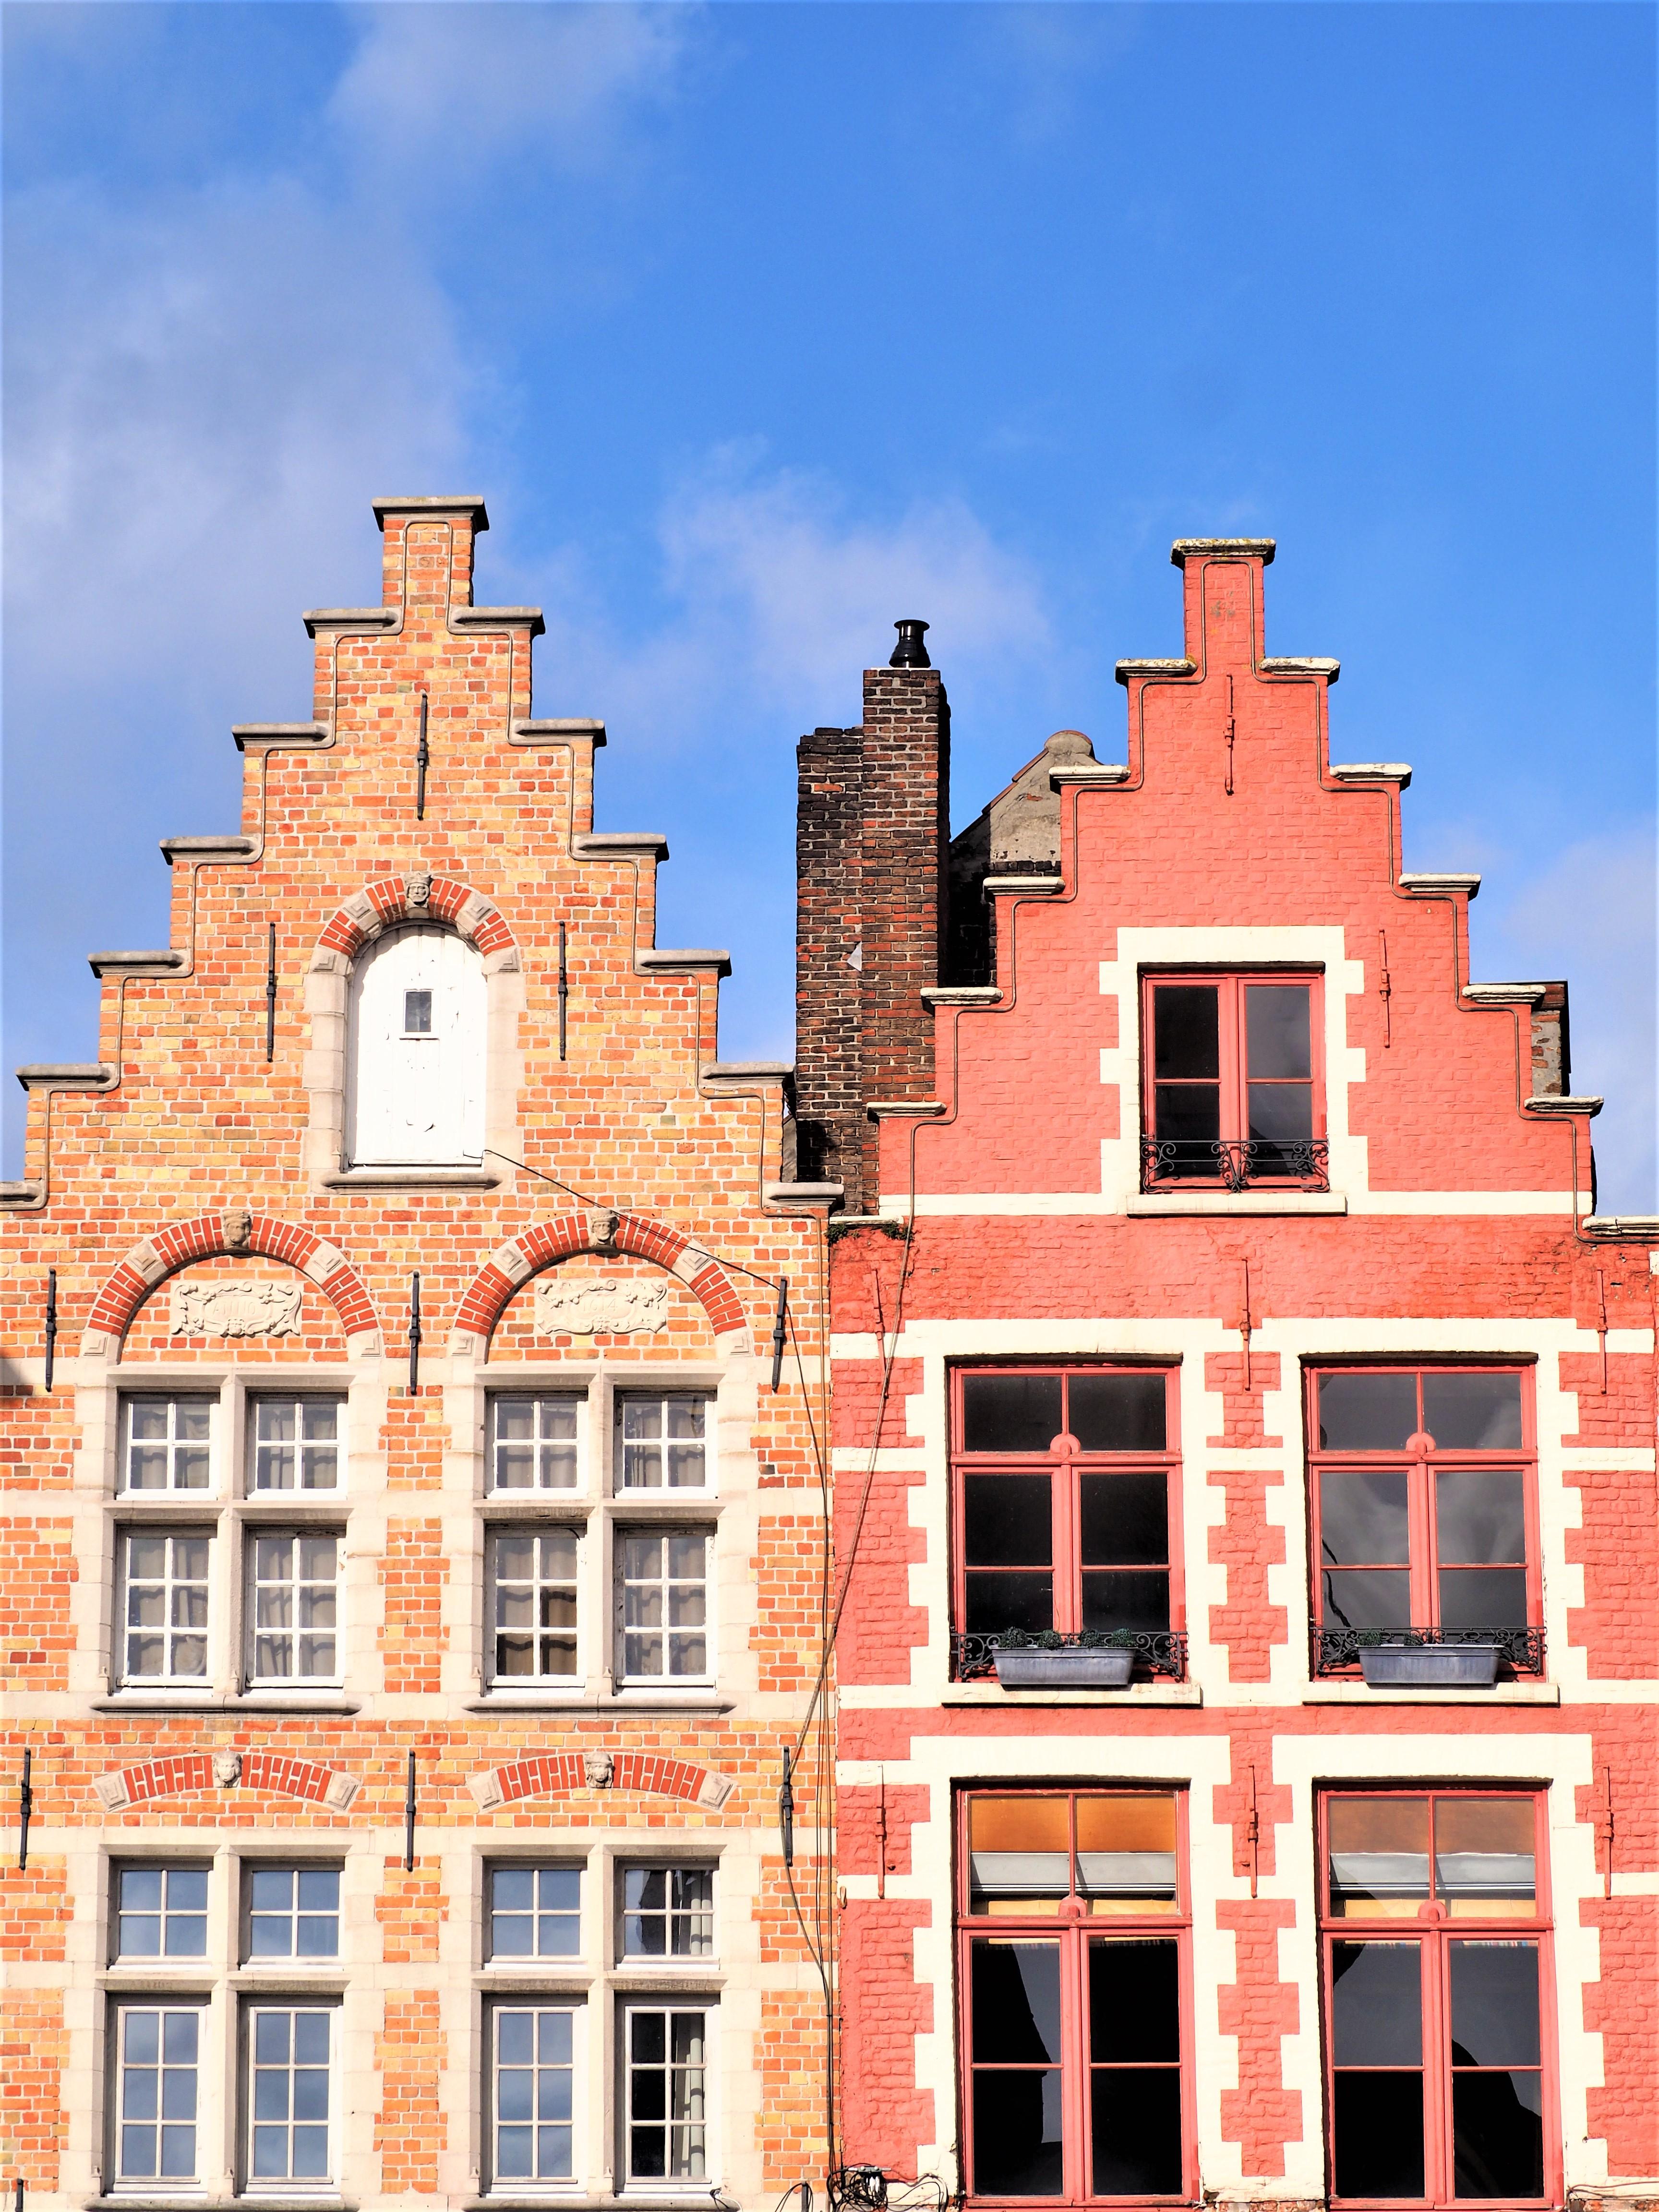 Bruges-Belgique-Blog-voyage-Clioandco-Maisons-colorées